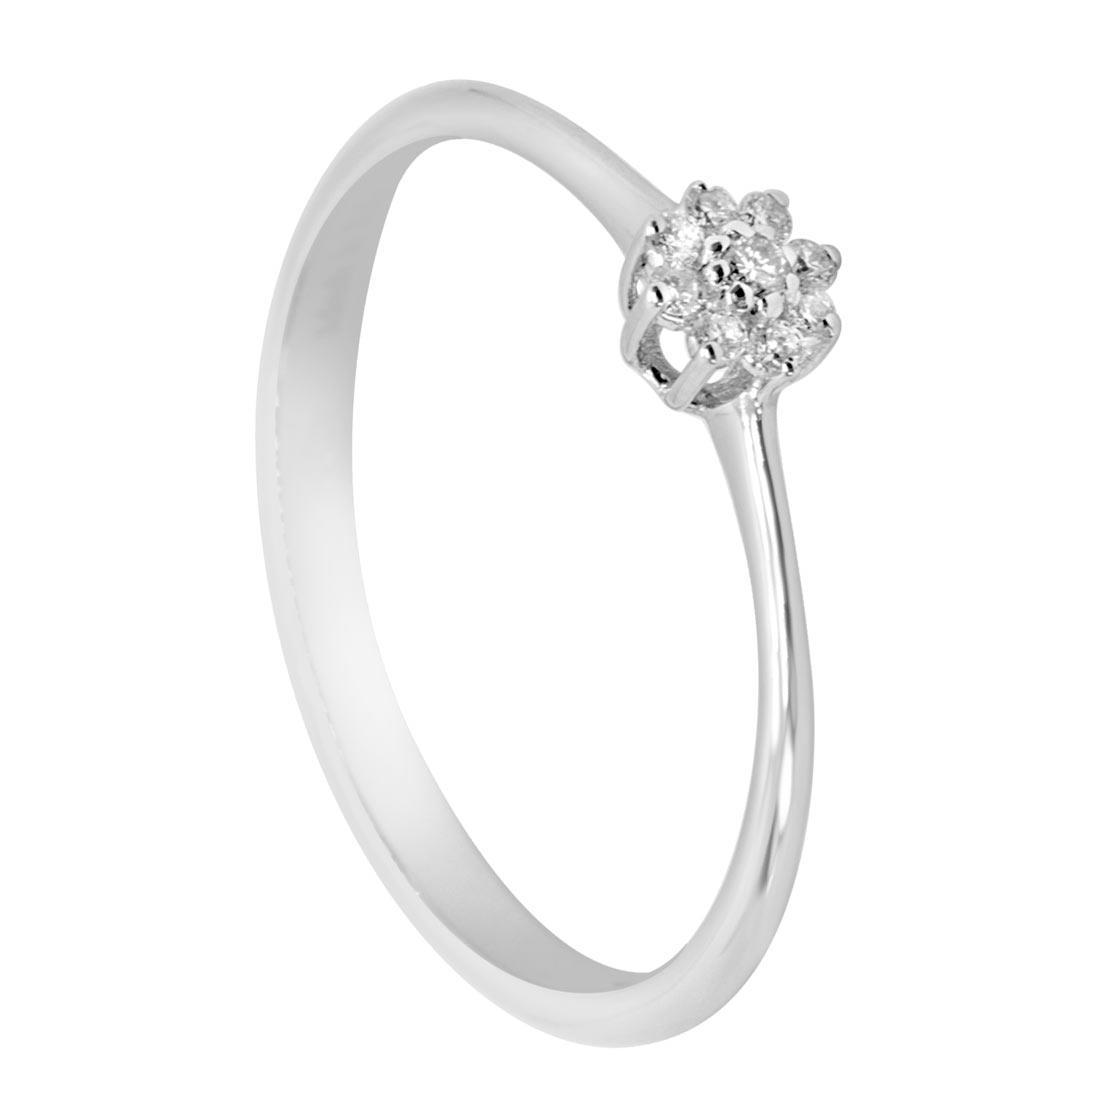 Anello in oro bianco con diamanti 0,06 ct mis 14 - ALFIERI ST JOHN